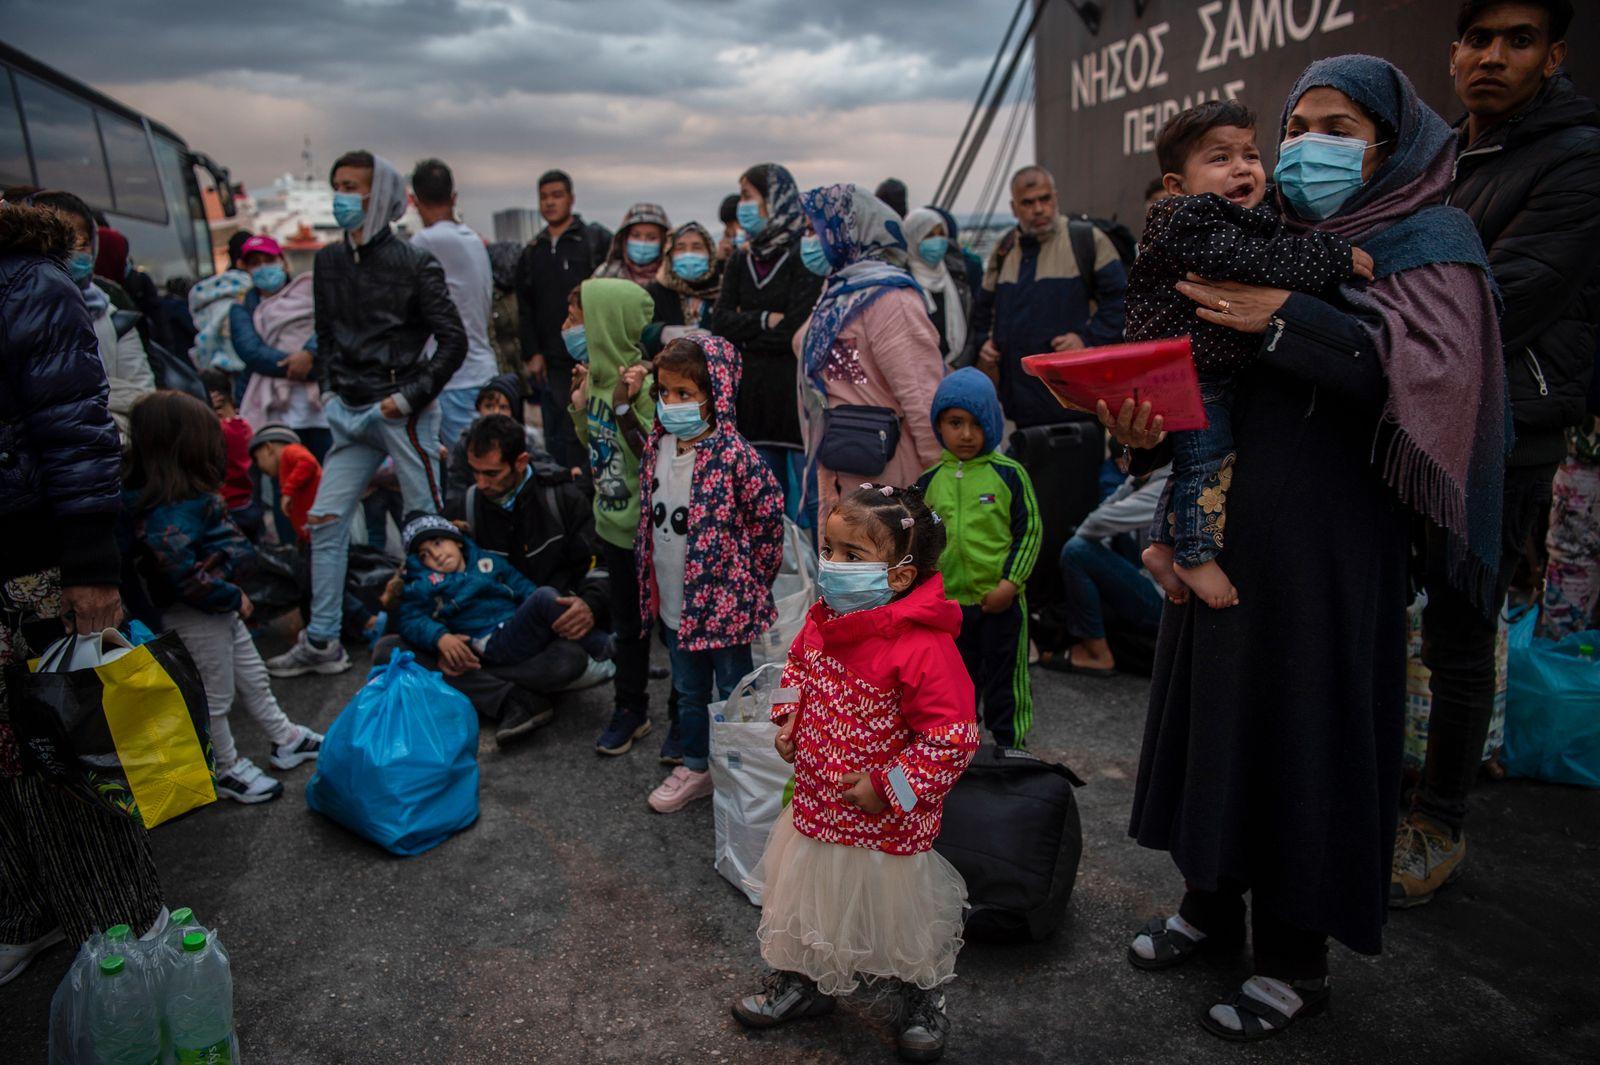 Überfüllte Camps: Tausende zum griechischen Festland gebracht